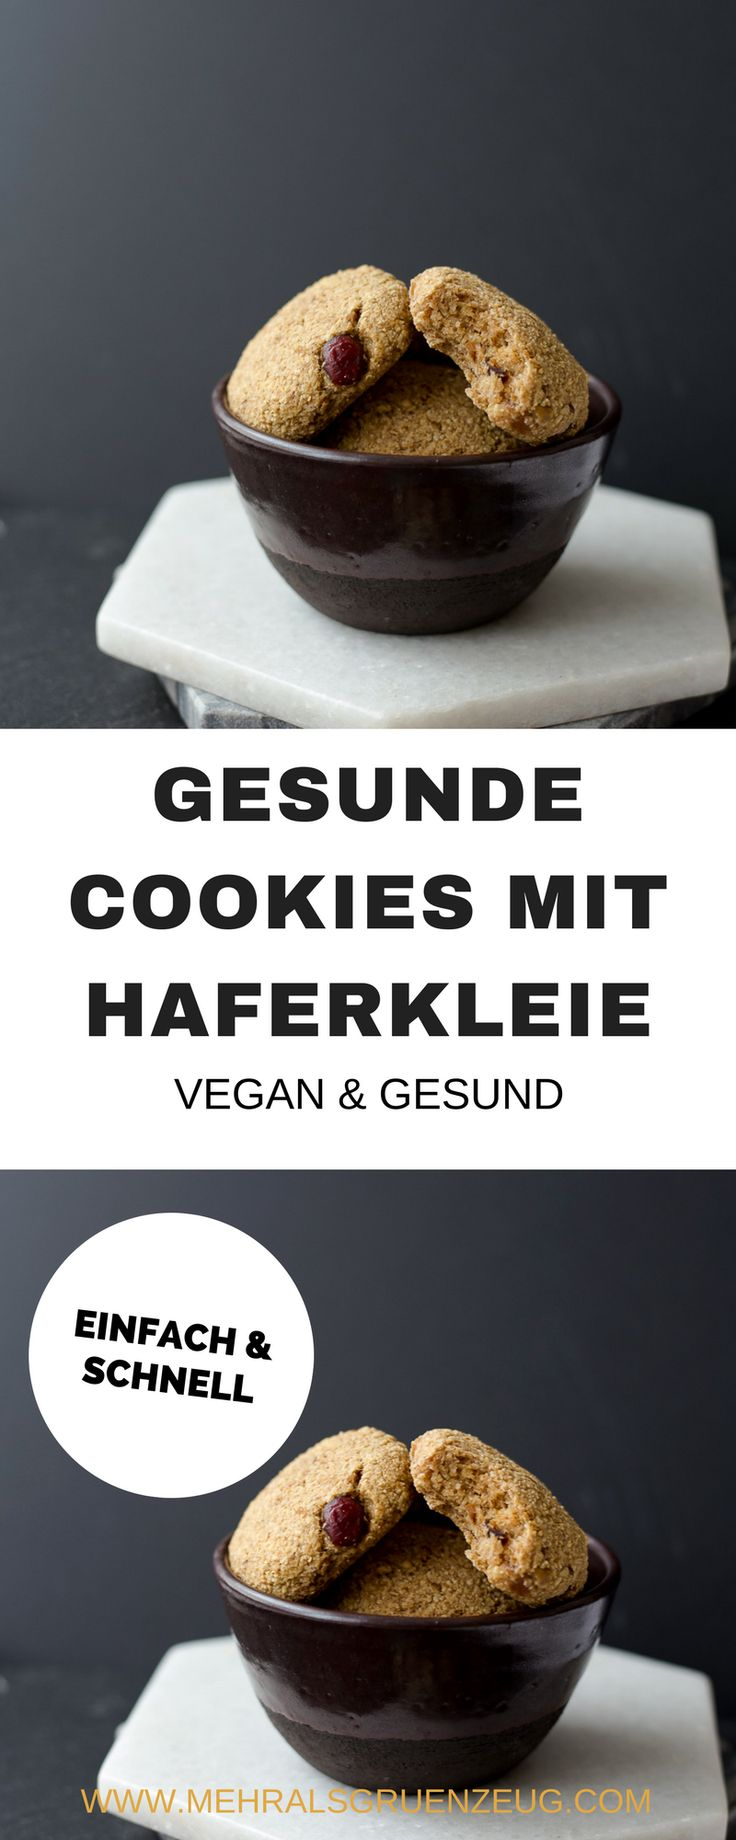 Vegane Kekse mit Haferkleie - schnell gemachte Hafer-Cookies ohne Zucker, Weißmehl und mit Datteln gesüßt. Leckeres, vollwertiges veganes Rezept.